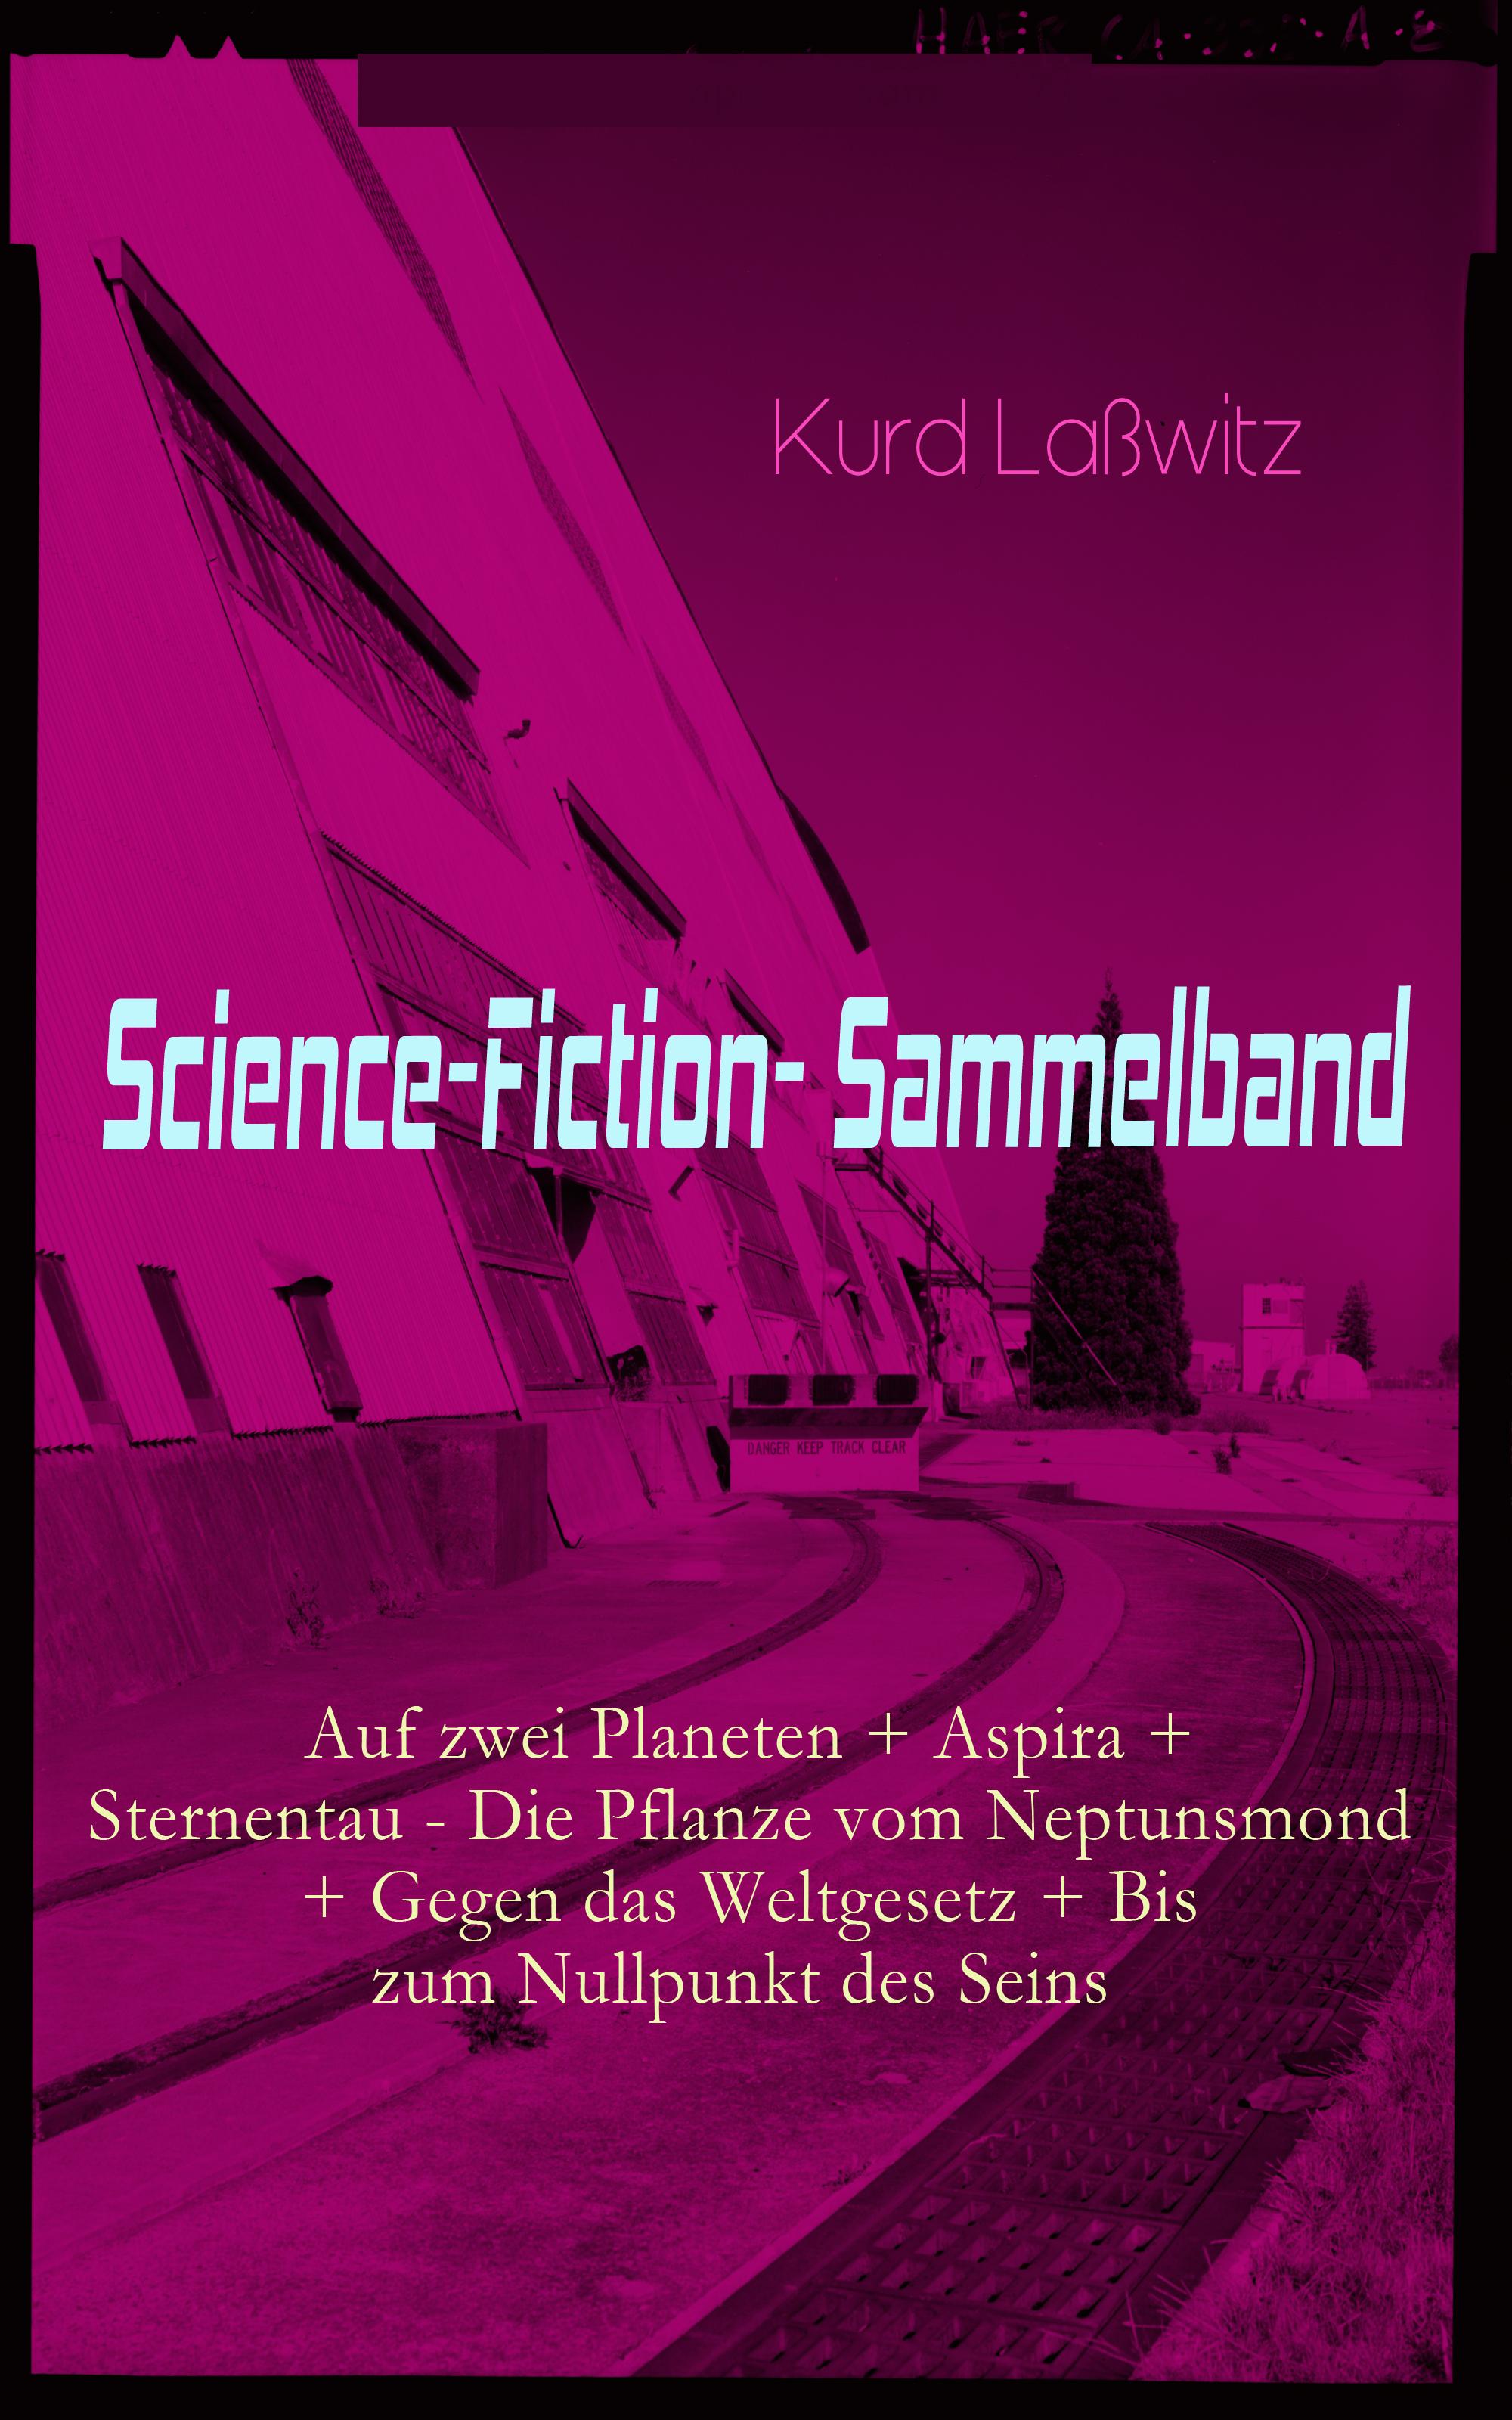 Kurd Laßwitz Science-Fiction- Sammelband: Auf zwei Planeten + Aspira + Sternentau - Die Pflanze vom Neptunsmond + Gegen das Weltgesetz + Bis zum Nullpunkt des Seins